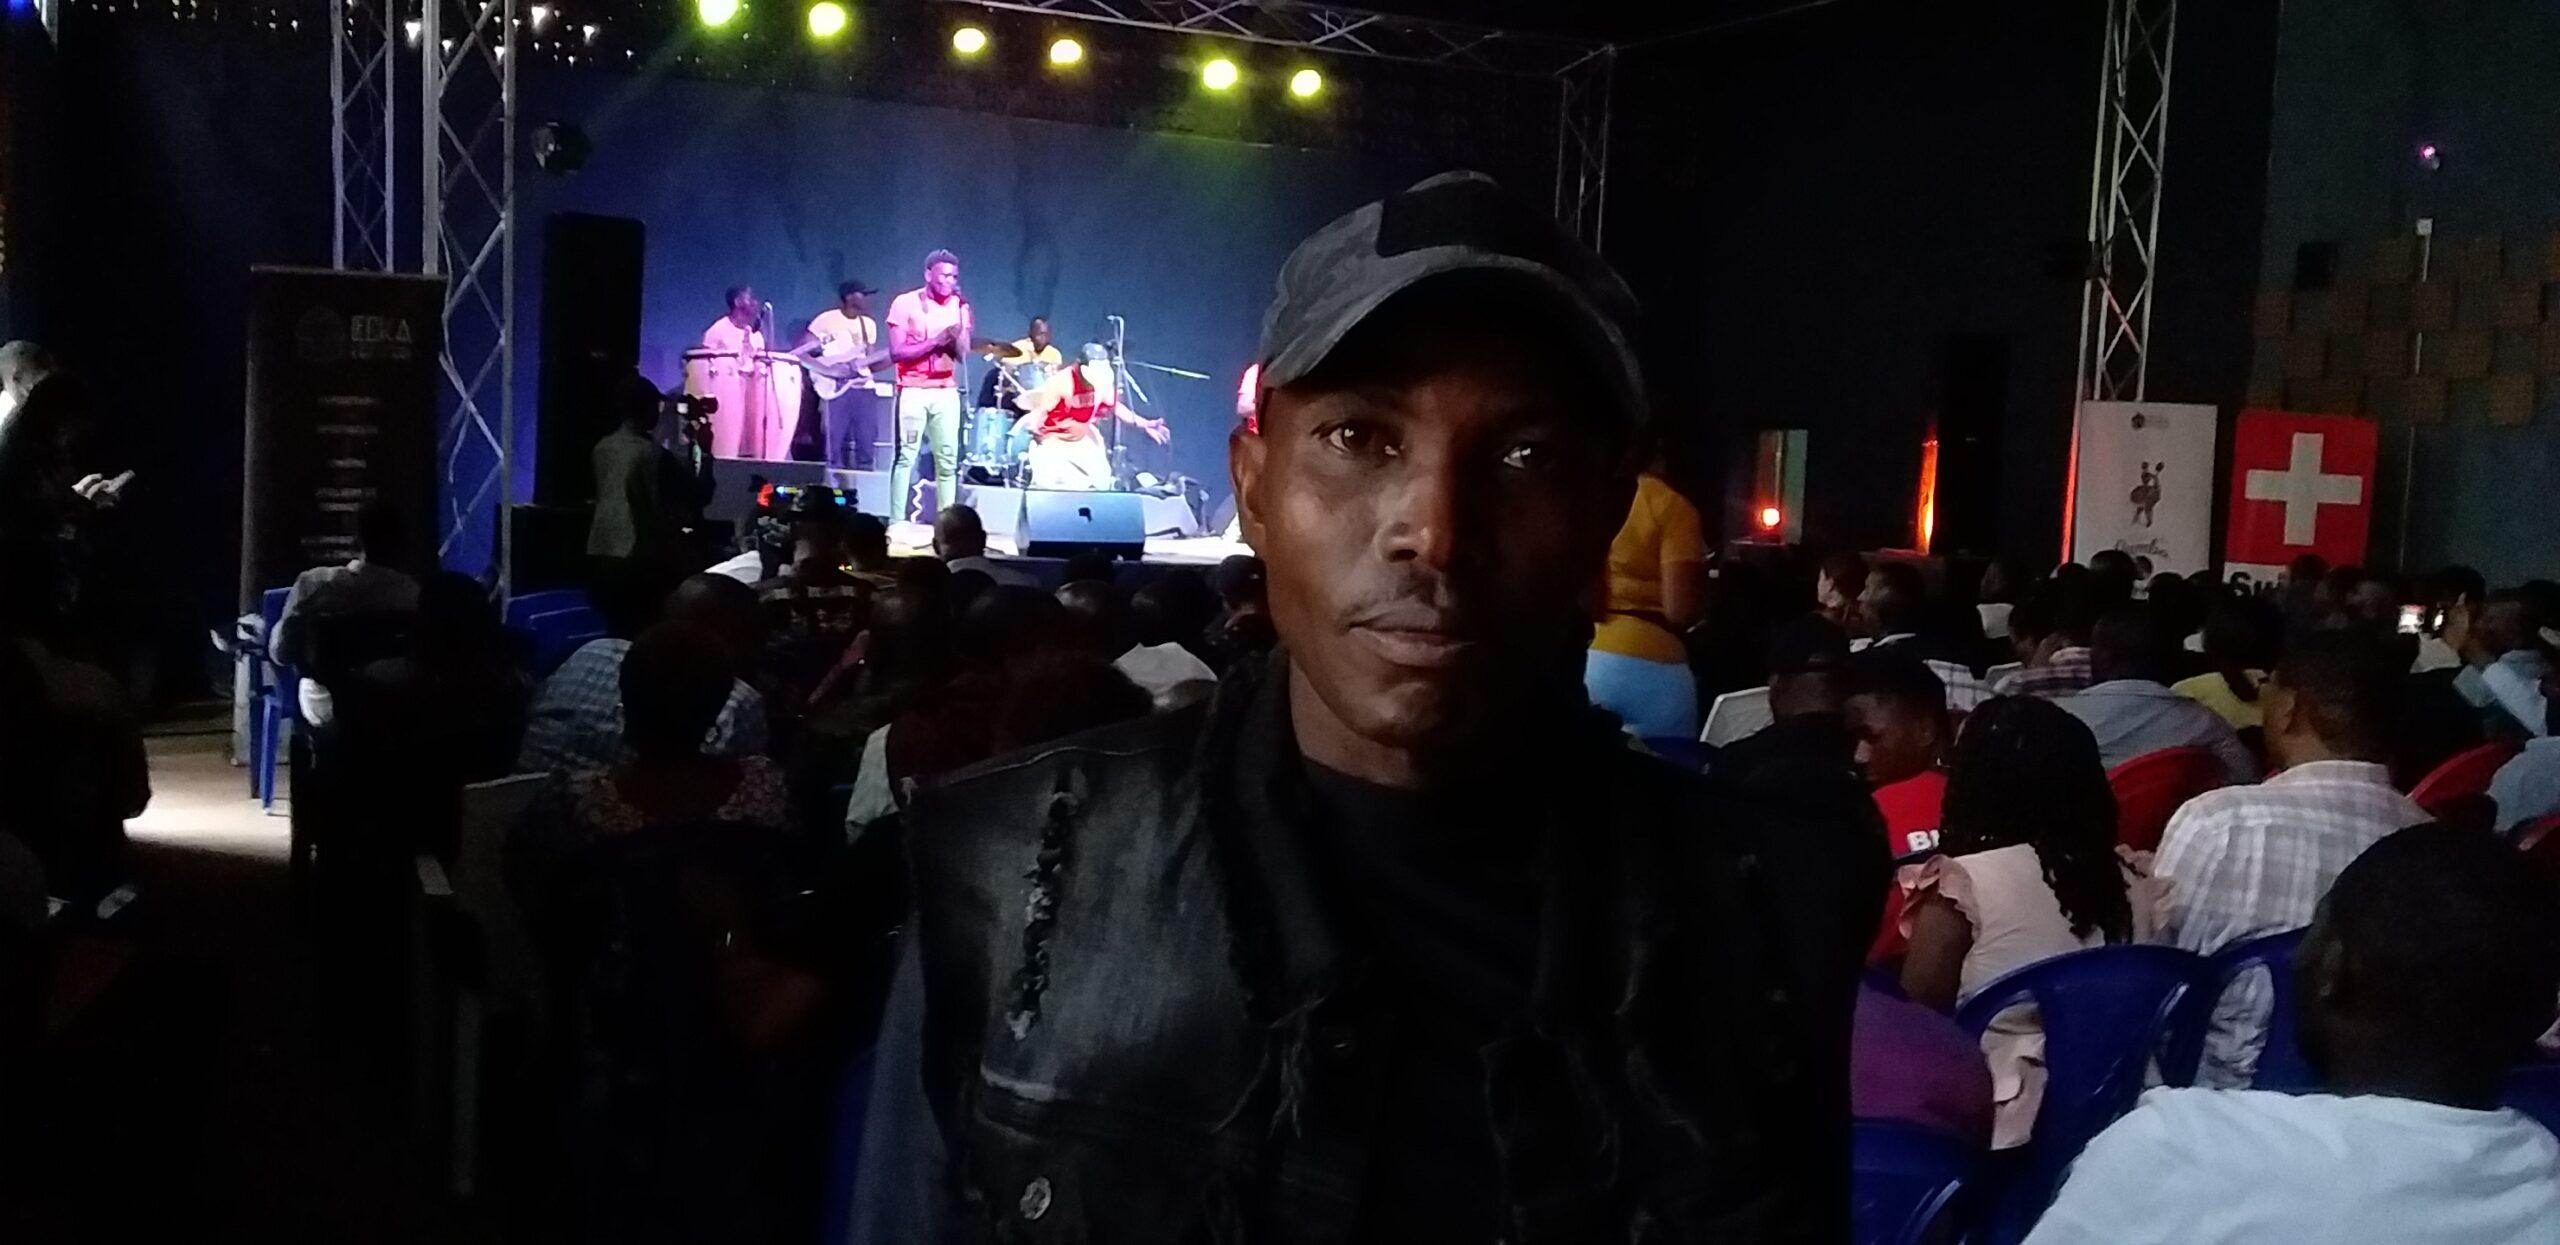 Festival Rumba Parade : '' Nous chantons la Rumba Congolaise en swahili pour justifier sa diversité.'' William Yayote